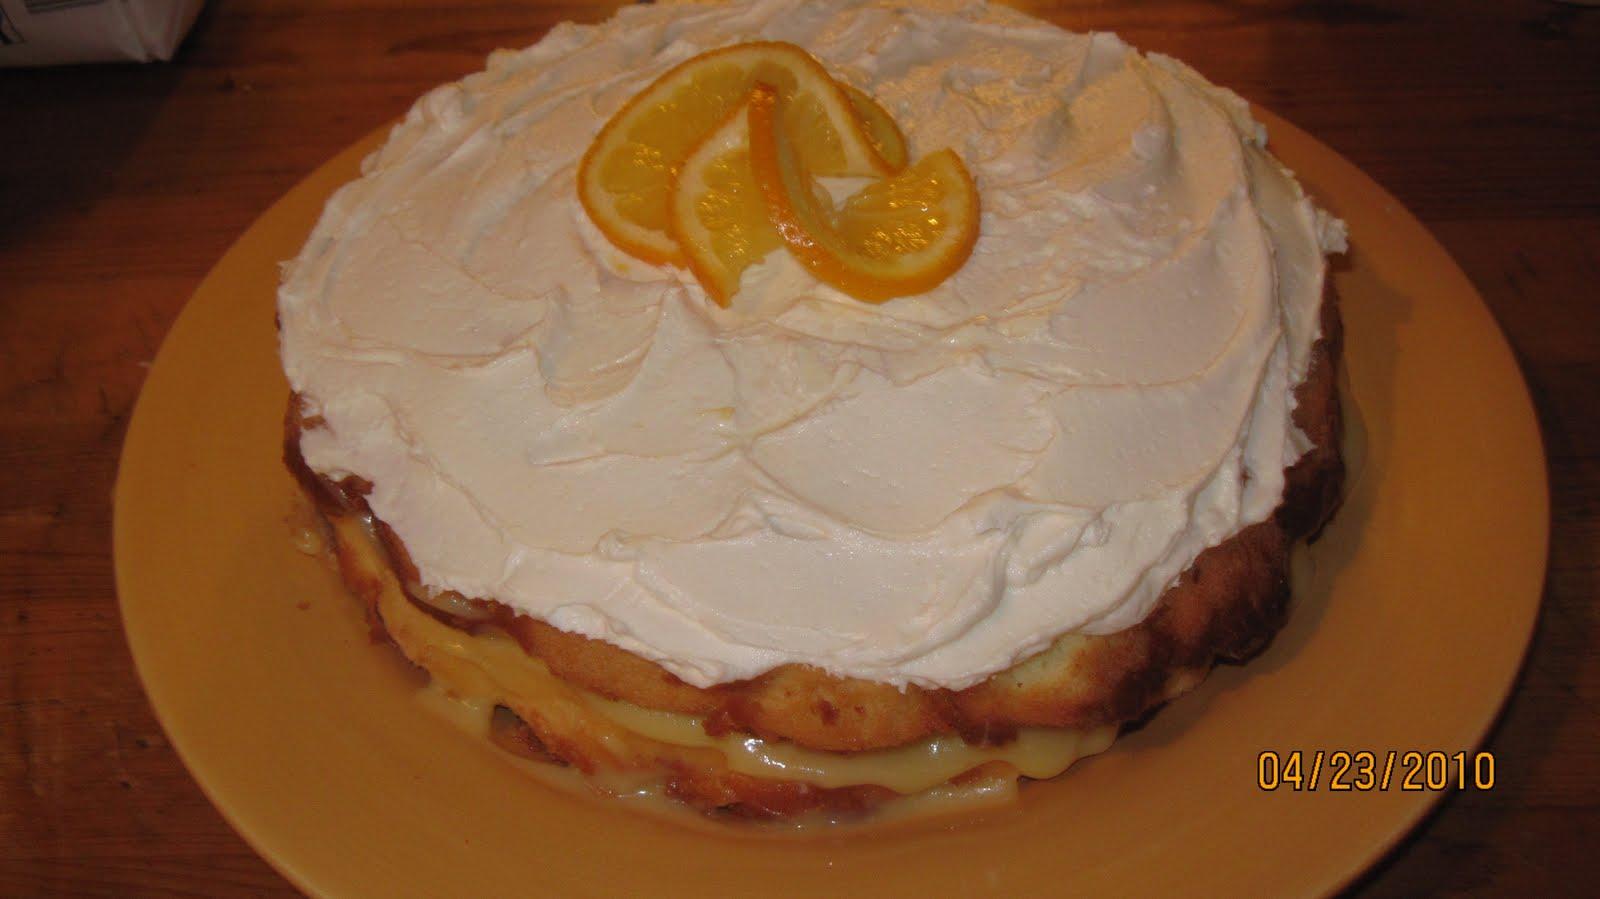 Sponge Cake Recipe Lemon Curd: Red Barn Cafe: Meyer Lemon SPonge Cake With Lemon Curd And